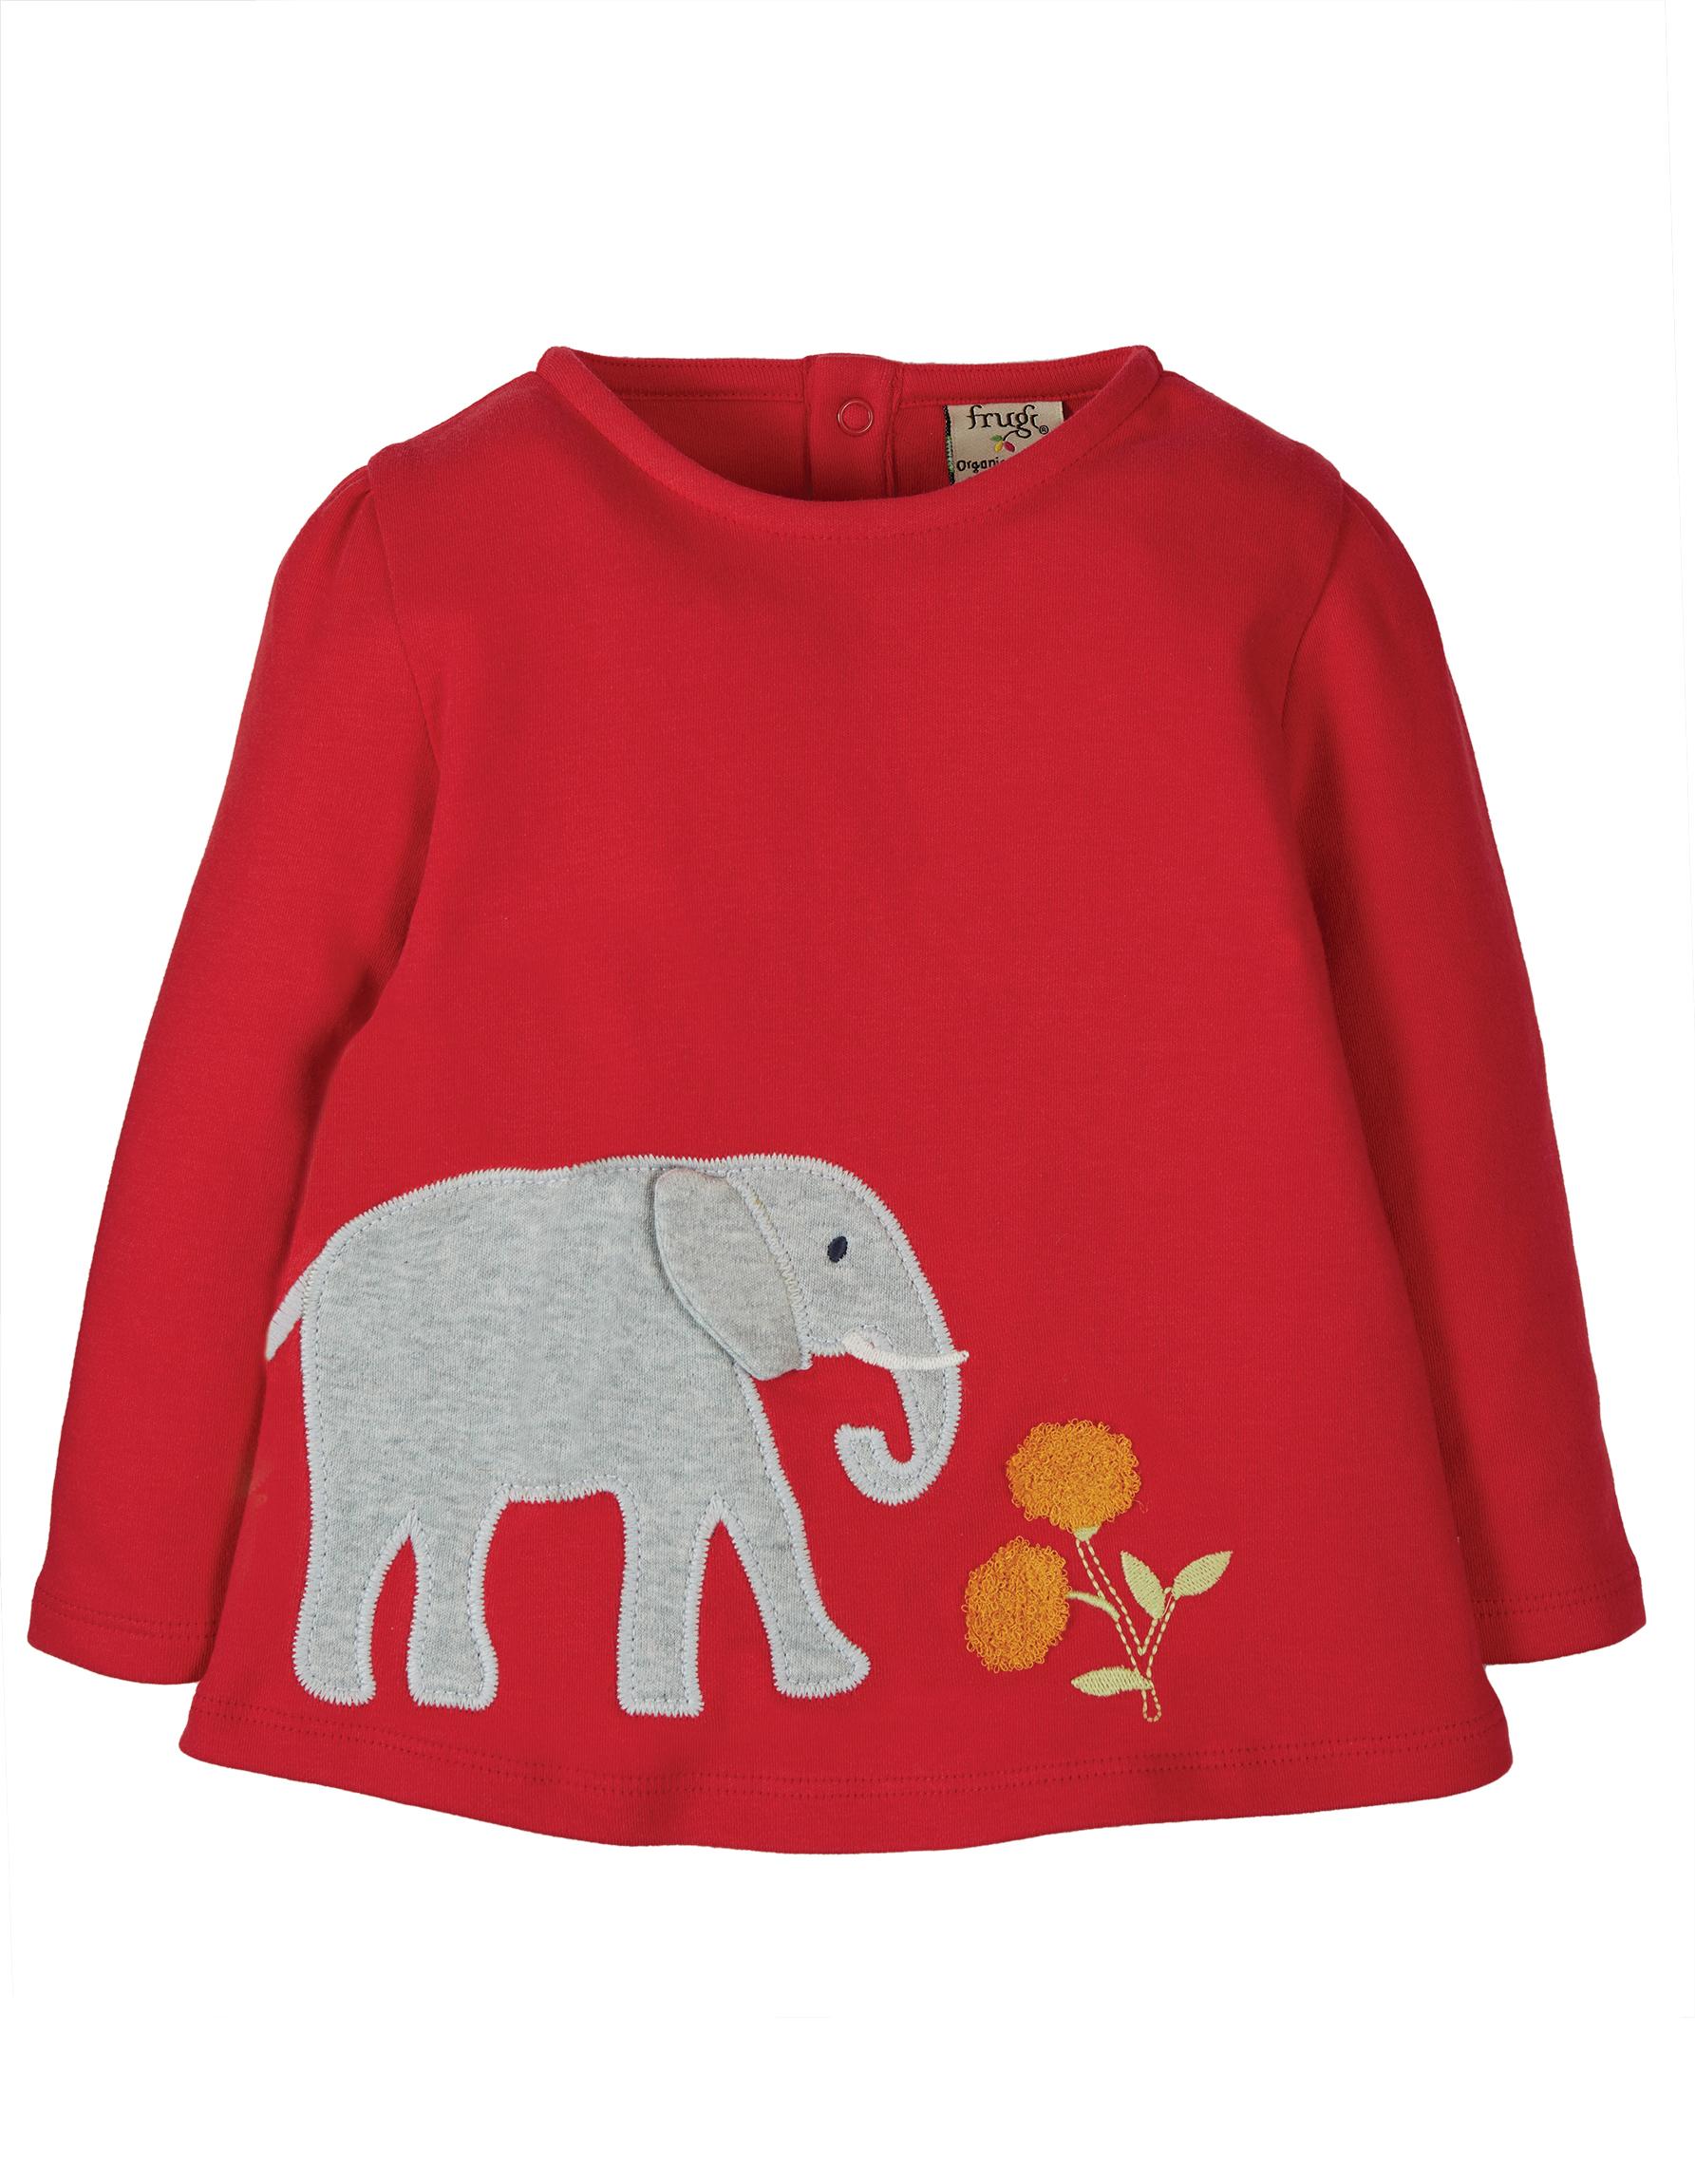 Frugi Connie Applique Top, True Red Elephant